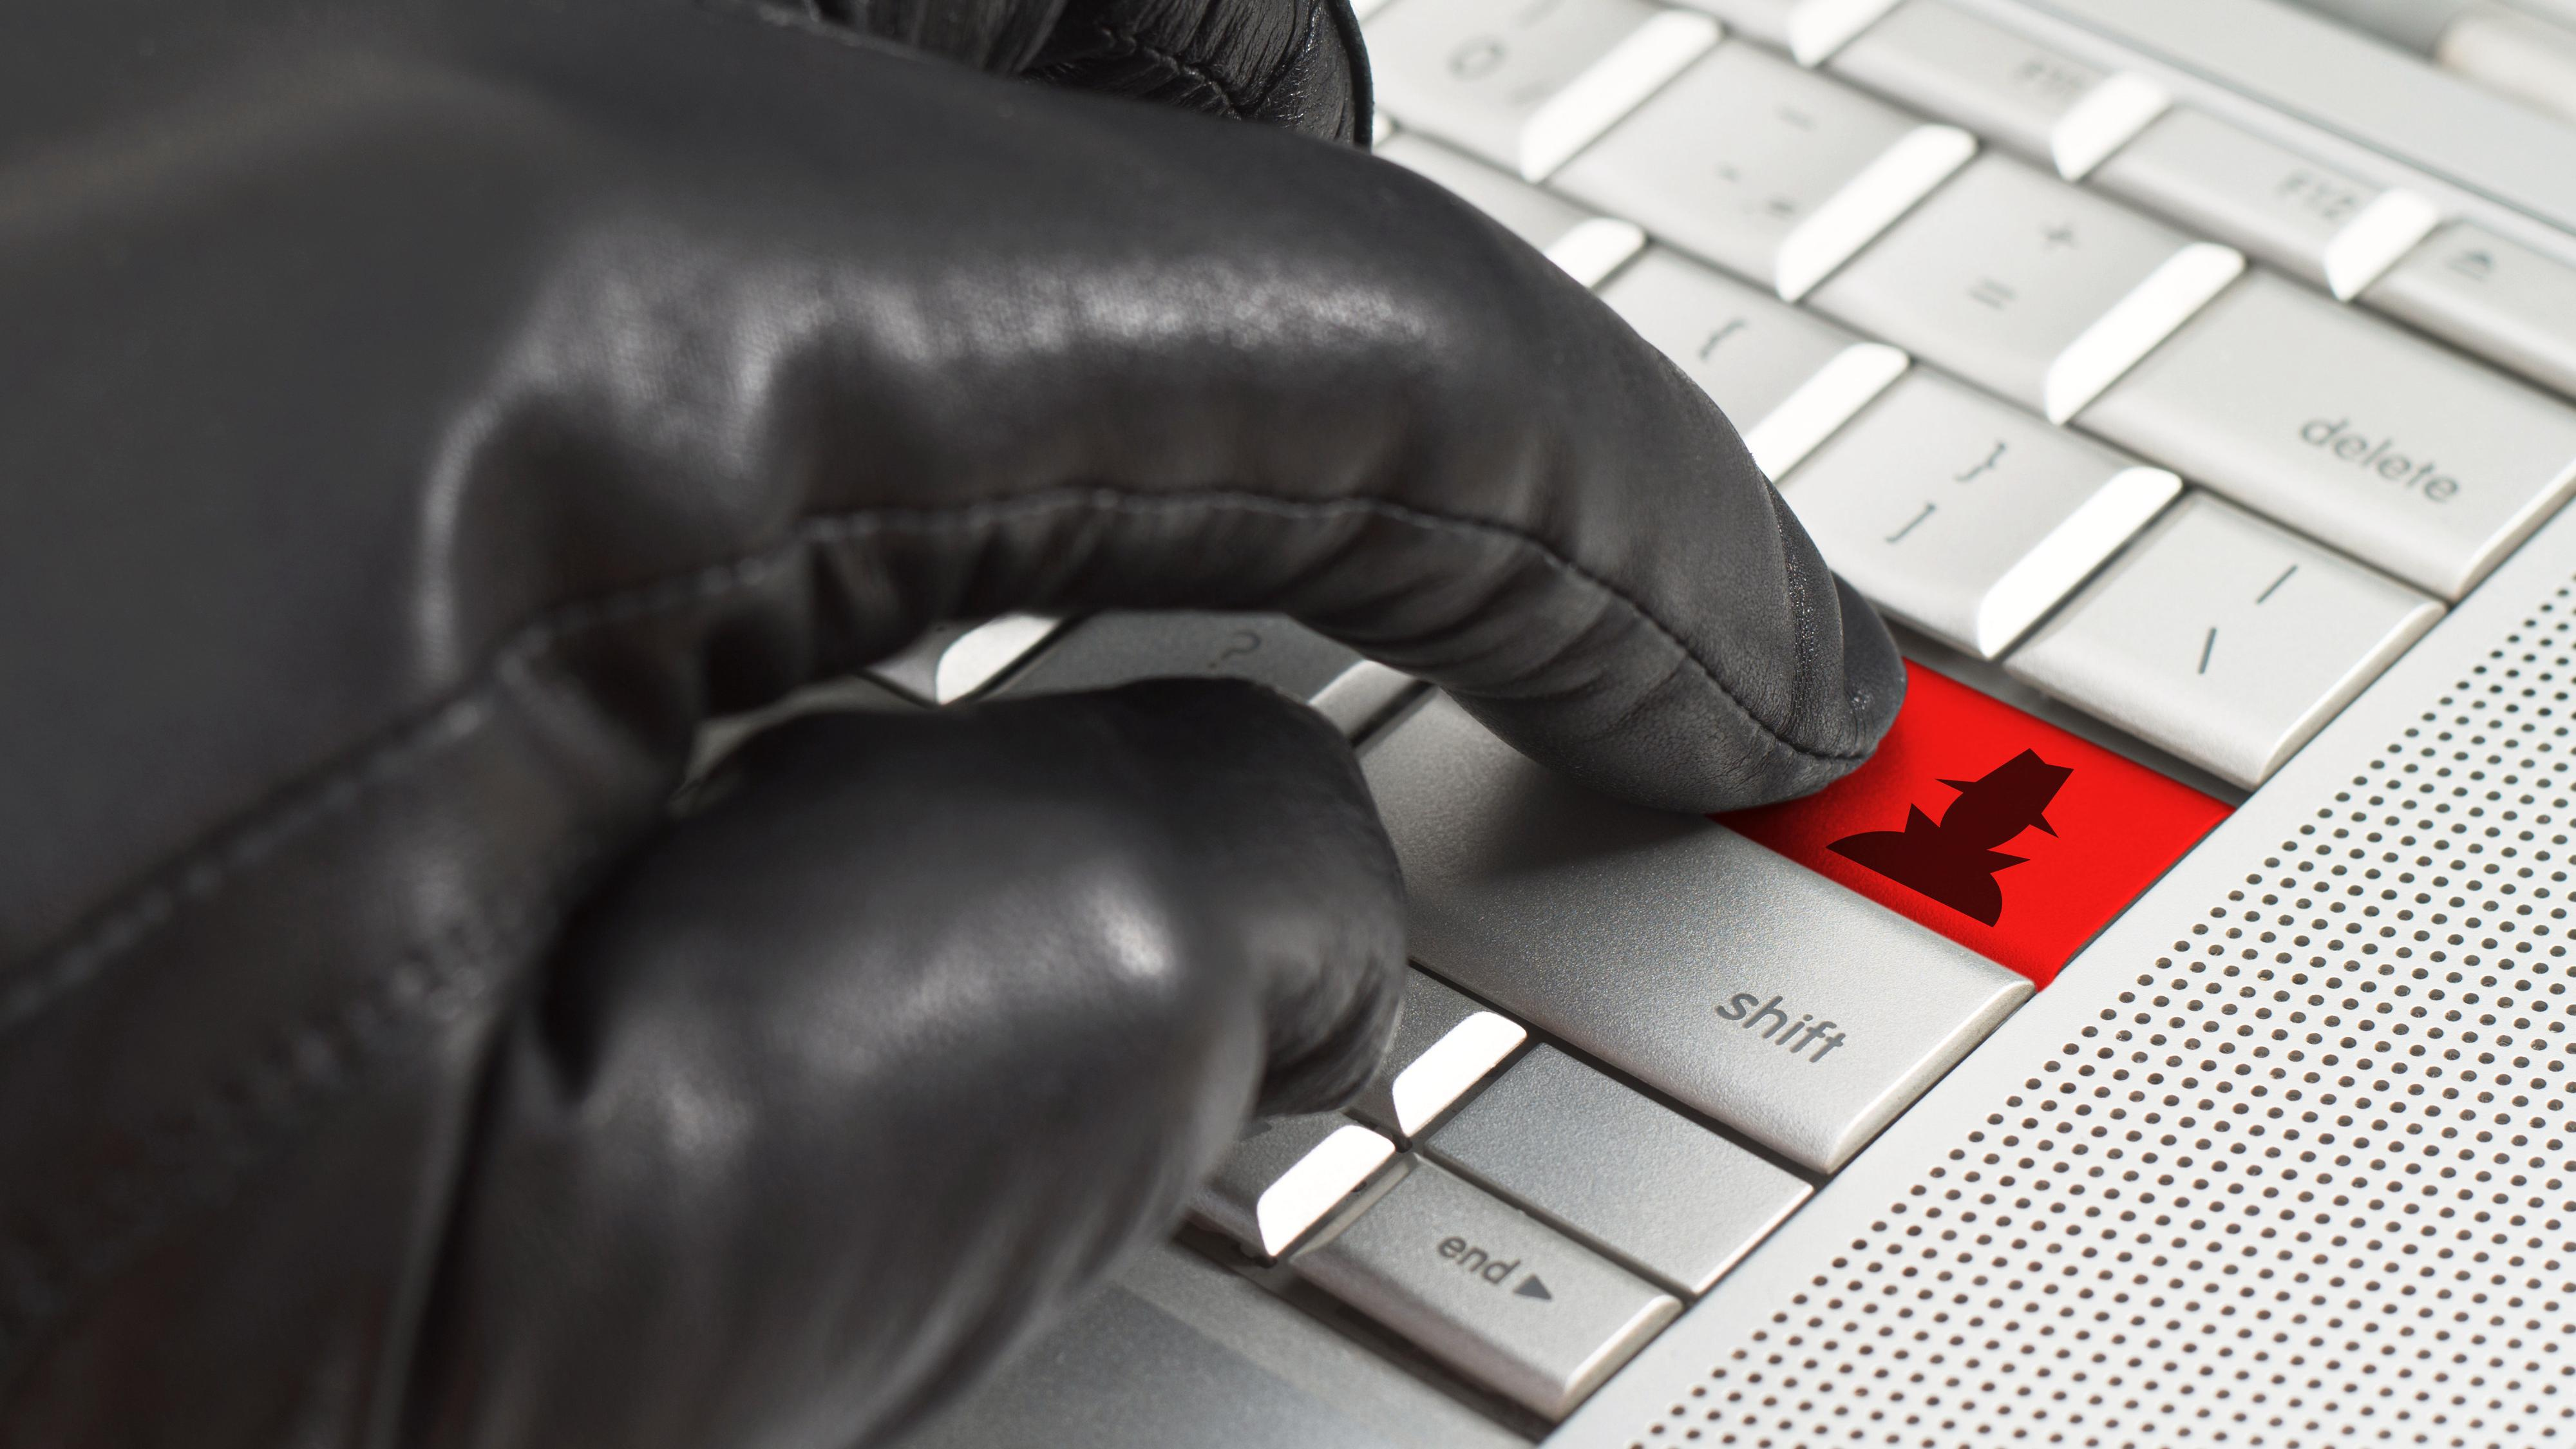 Forskere har funnet superavansert spion-program som har vært aktivt i flere år